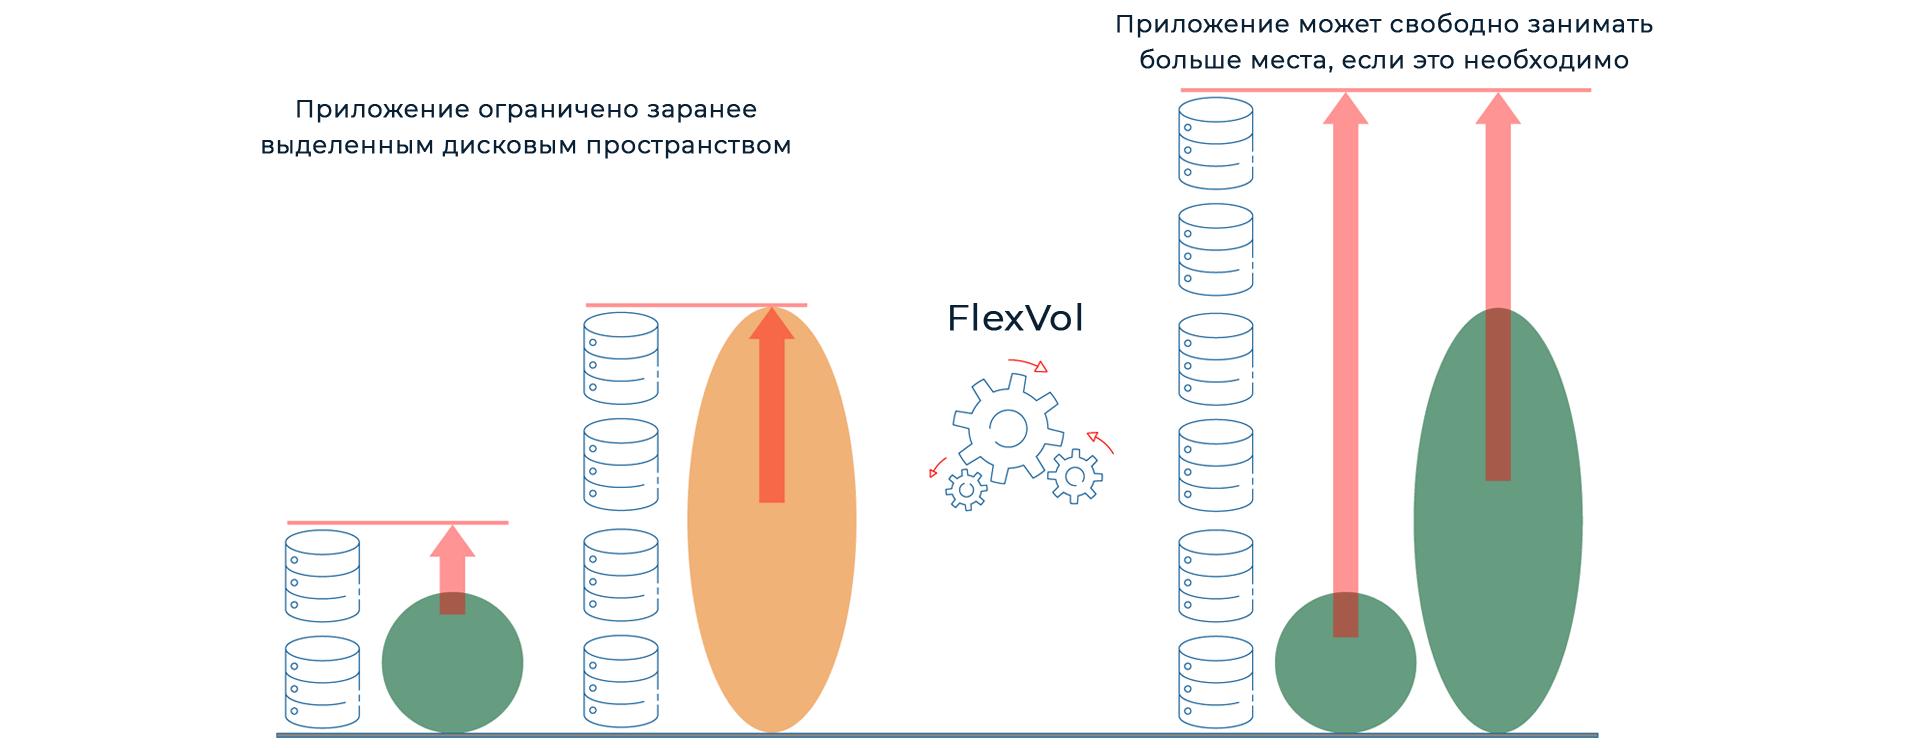 Технология виртуализации хранилищ FlexVol